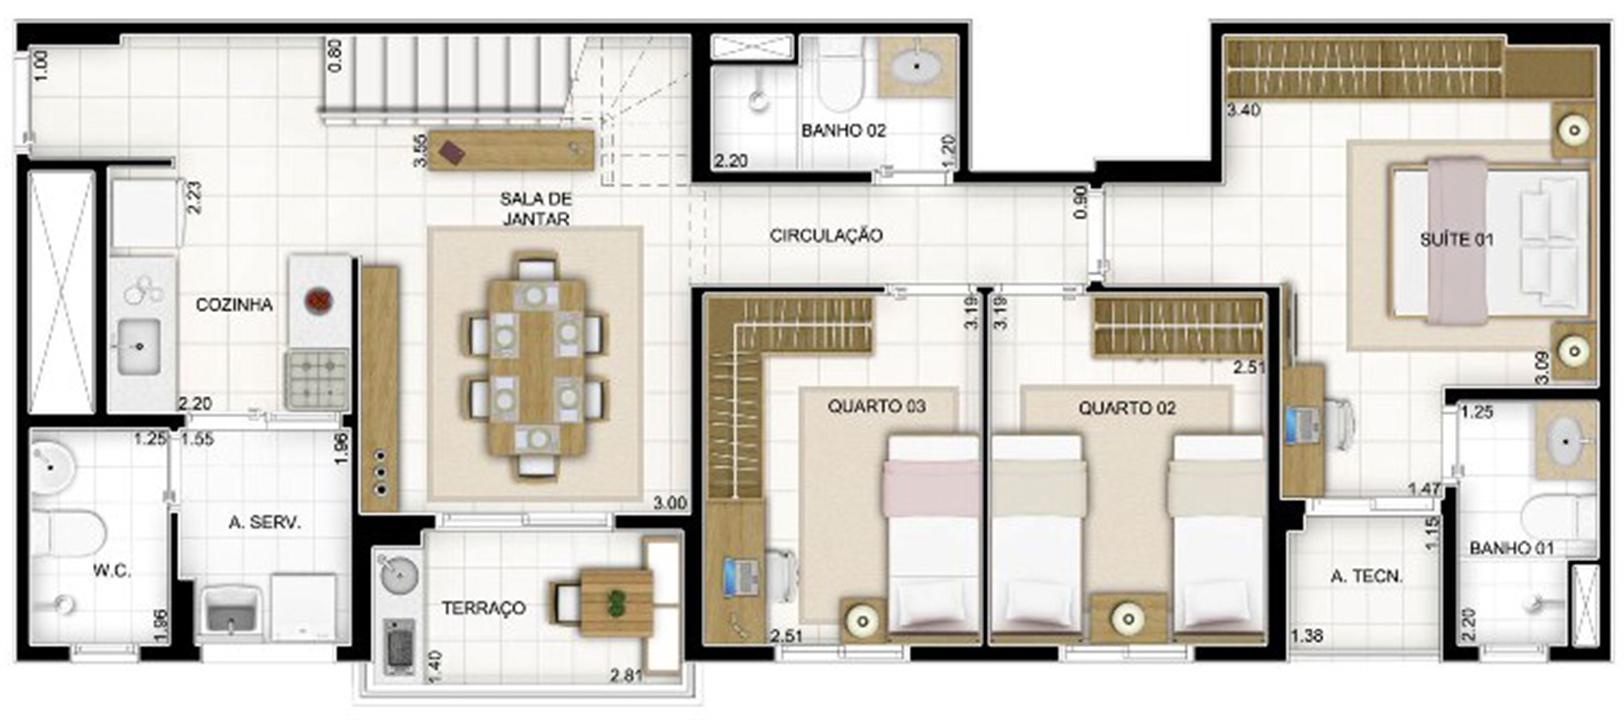 Duplex Andar Inferior 3 quartos 159 m²   Quartier Lagoa Nova – Apartamentona  Lagoa Nova - Natal - Rio Grande do Norte